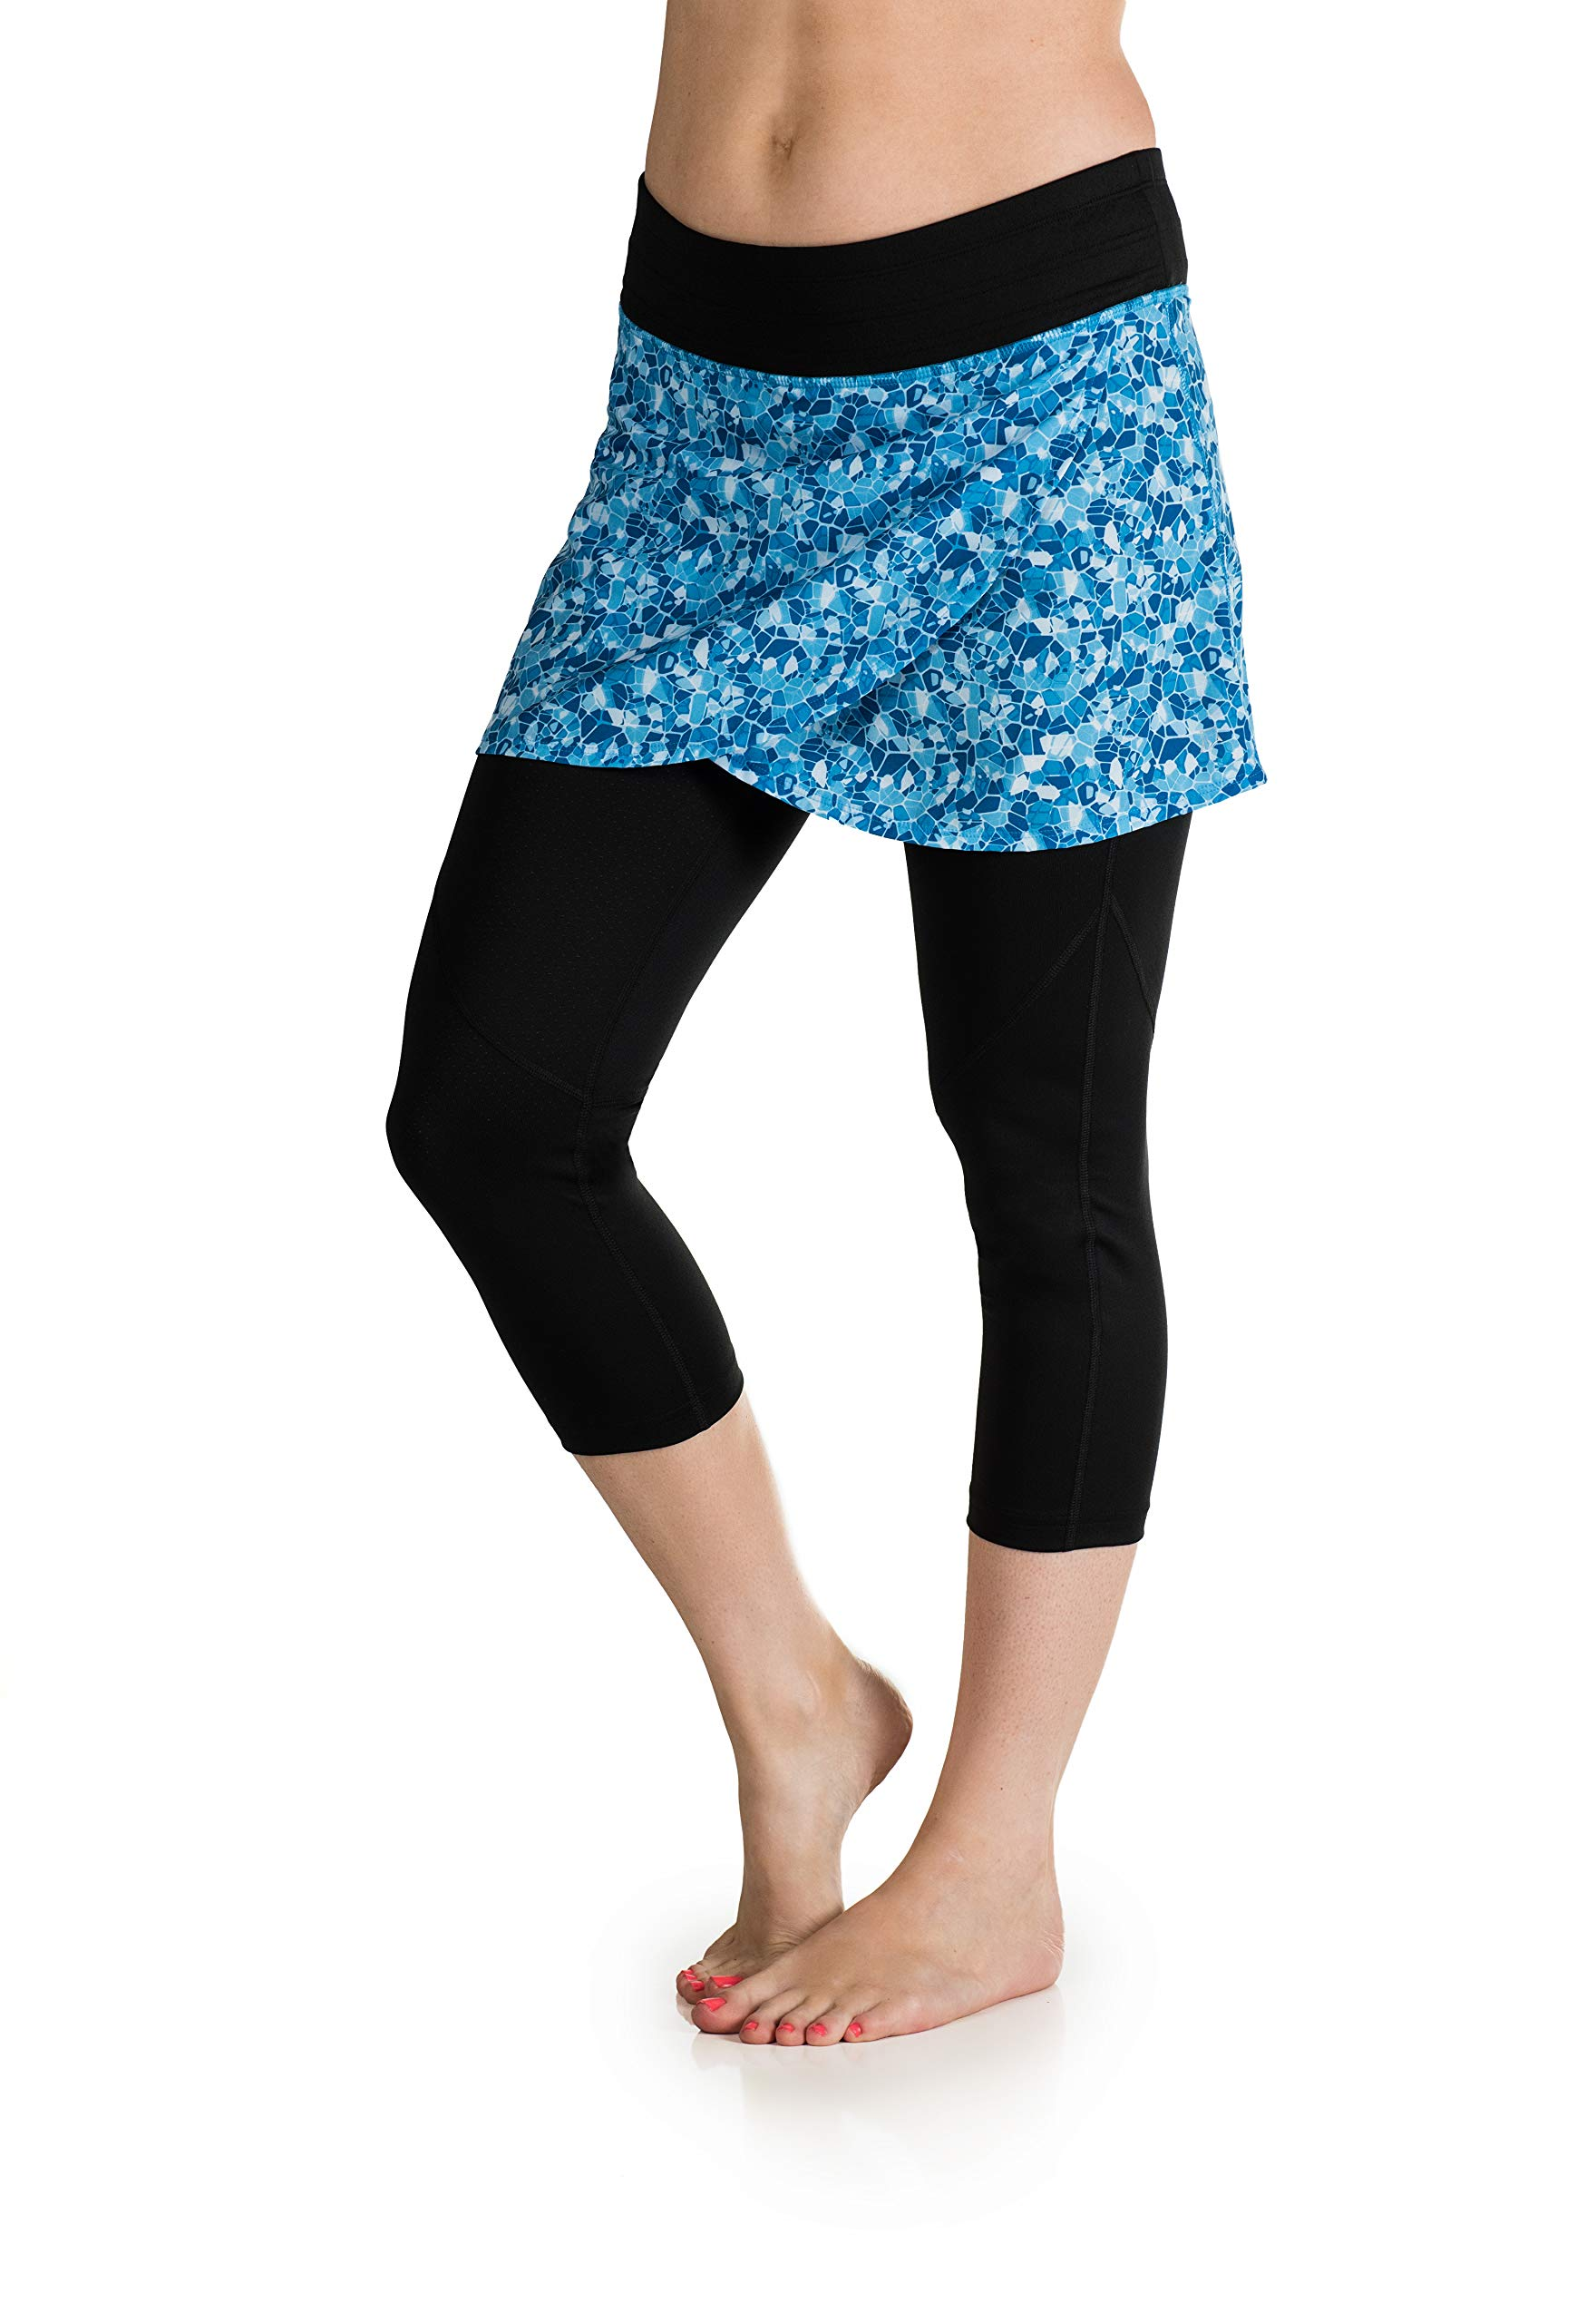 Skirt Sports Women's Hover Capri Skirt, X-Large, Shatter Print/Black by Skirt Sports